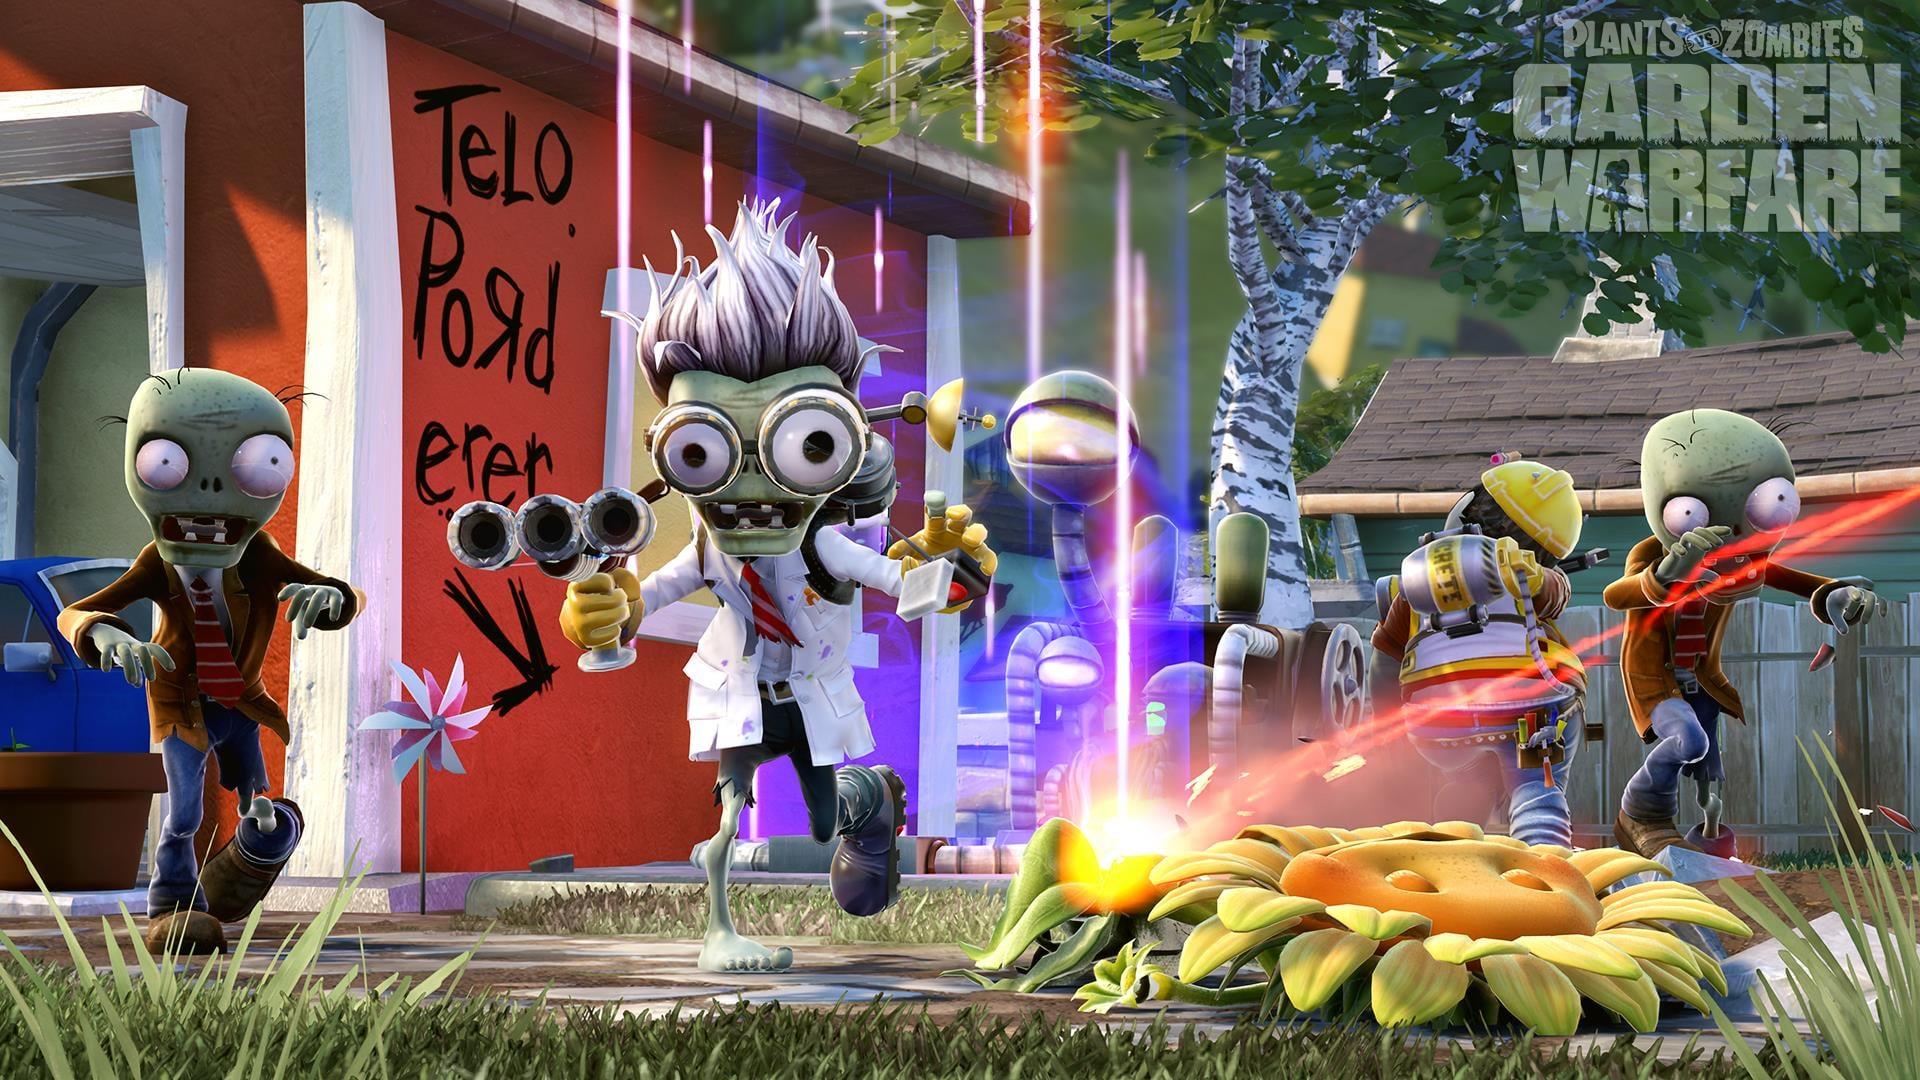 Plants vs zombies garden warfare - Plants vs zombies garden warfare videos ...